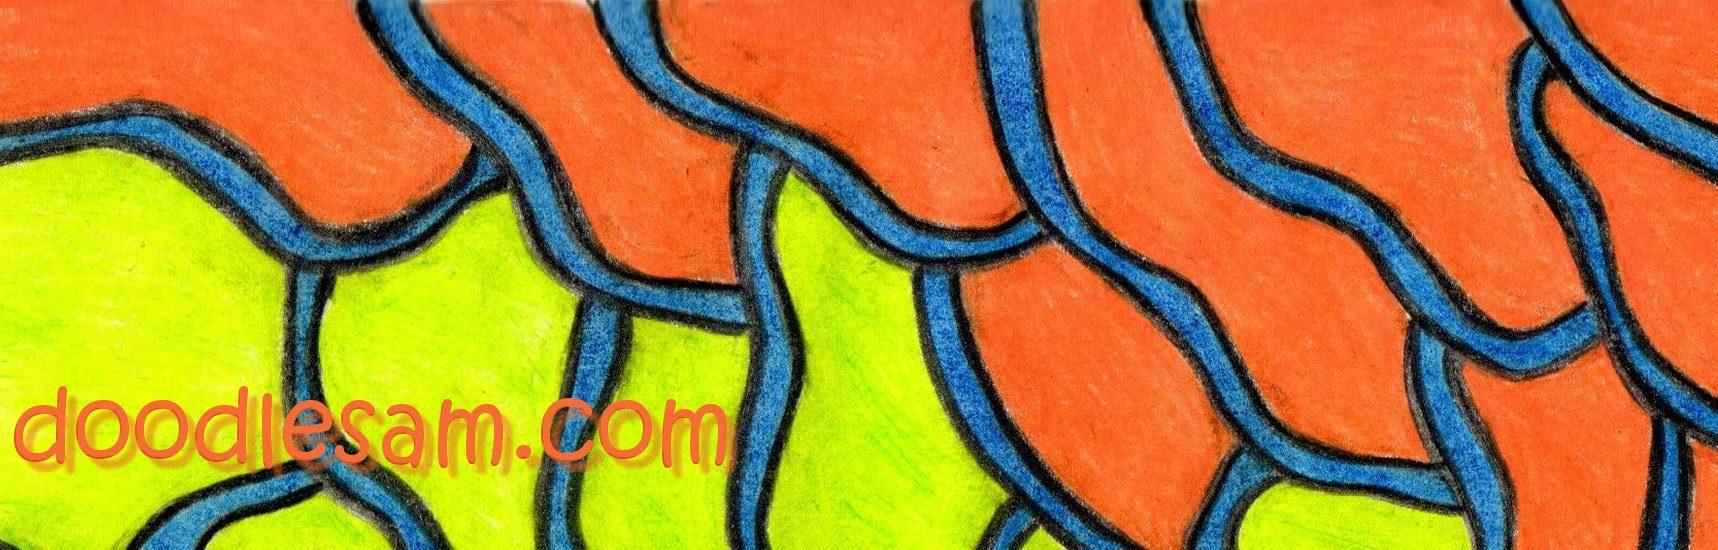 Doodlesam.com